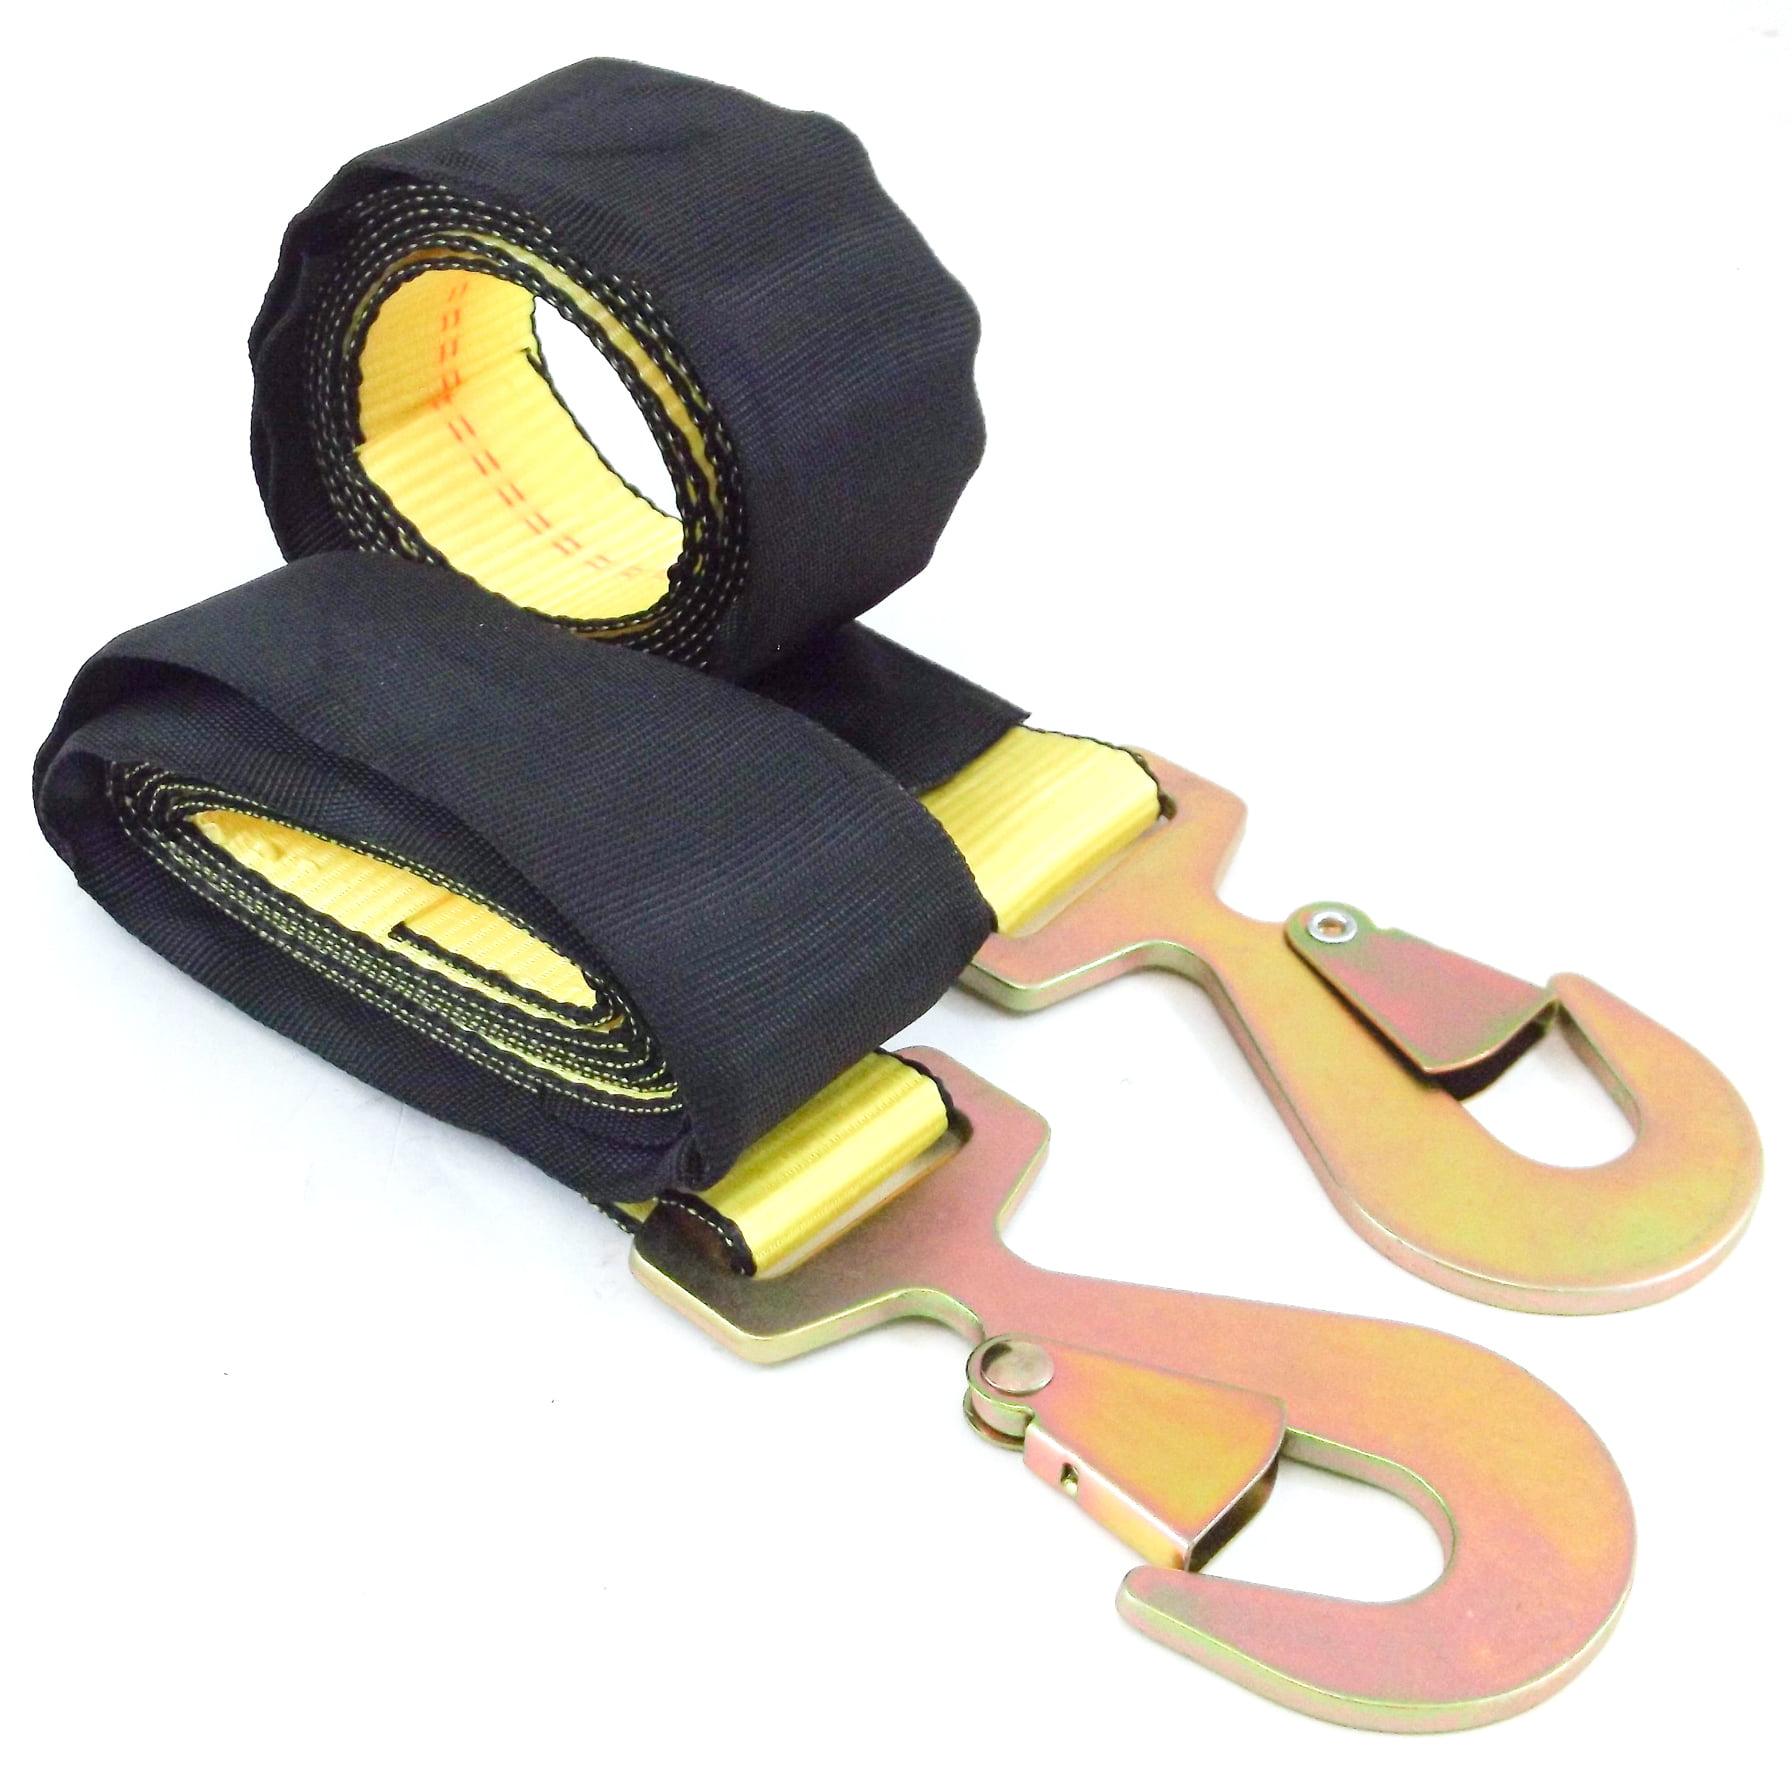 2X Wheel Tie Down 2 Inchesx8 Flat Snap Hook /& Wear Sleeve